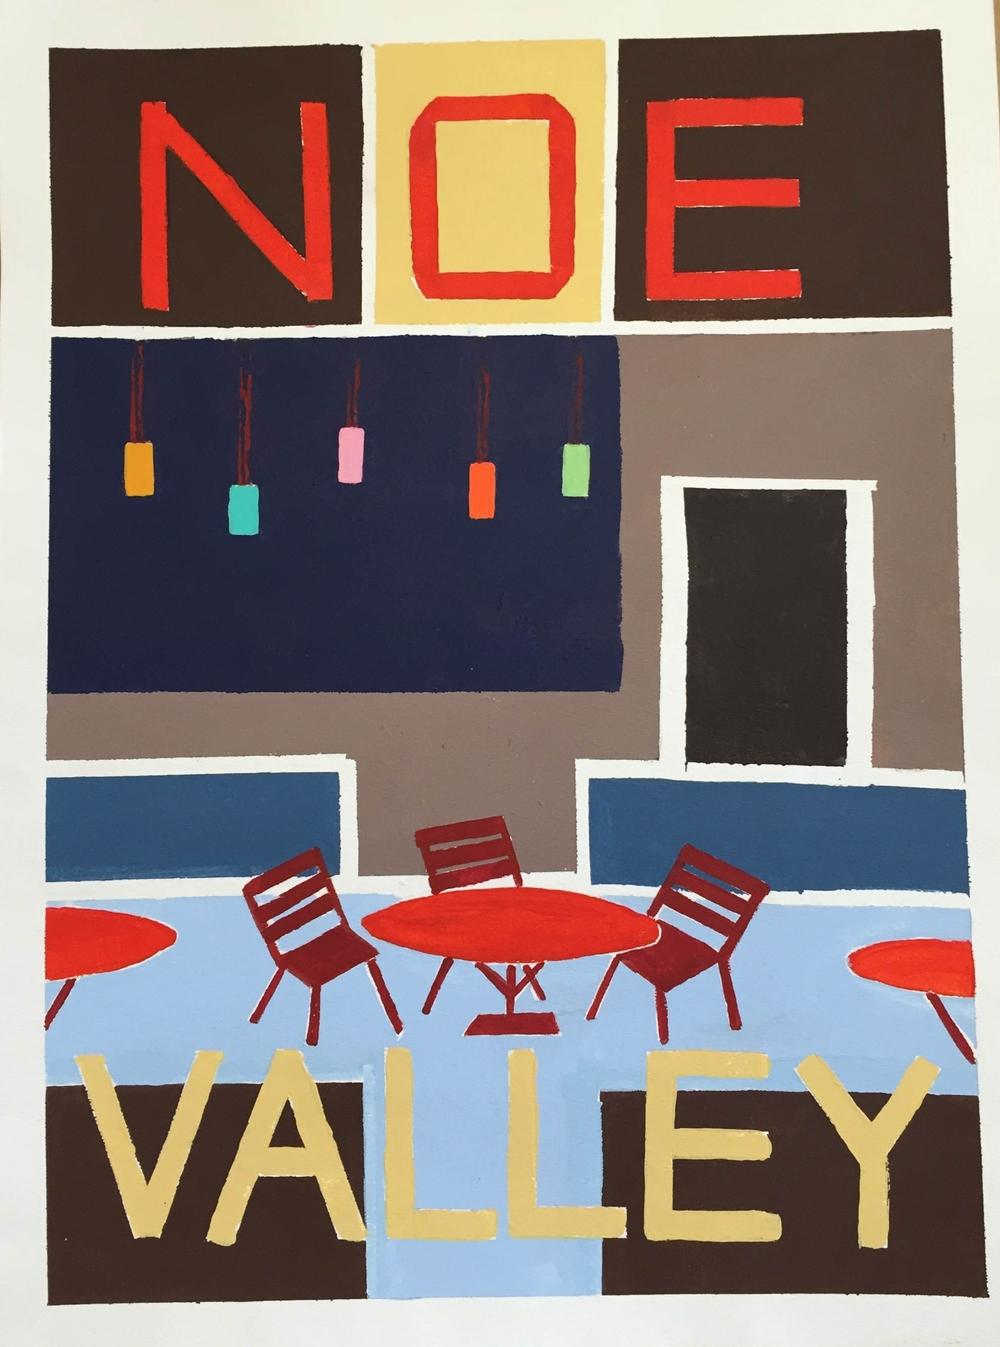 Noe Valley Poster (original)